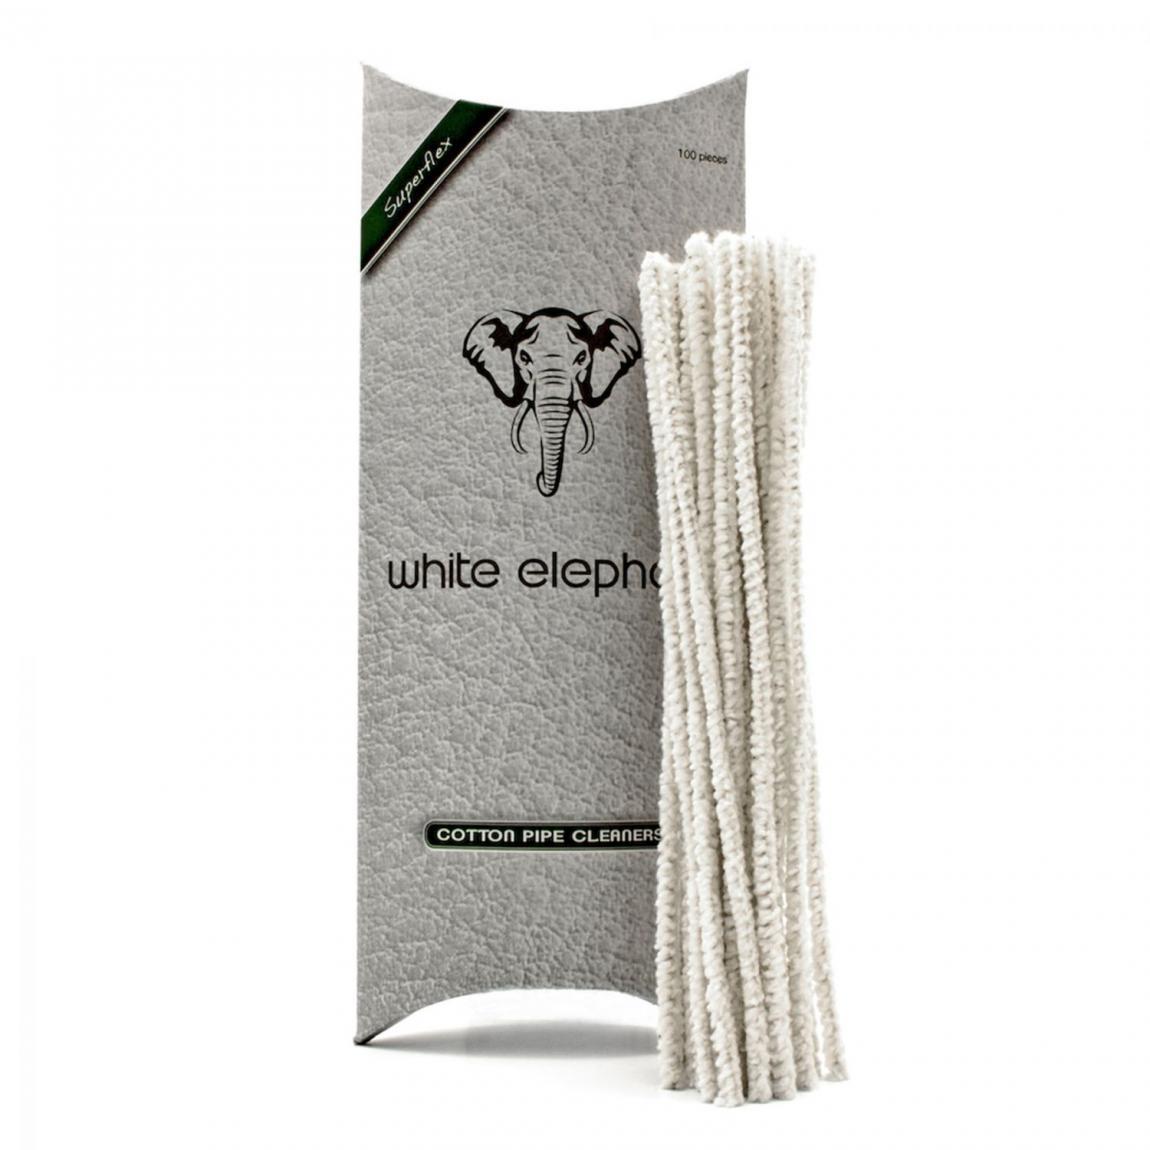 Pfeifenreiniger white Elephant Cotton 1x100 Stück